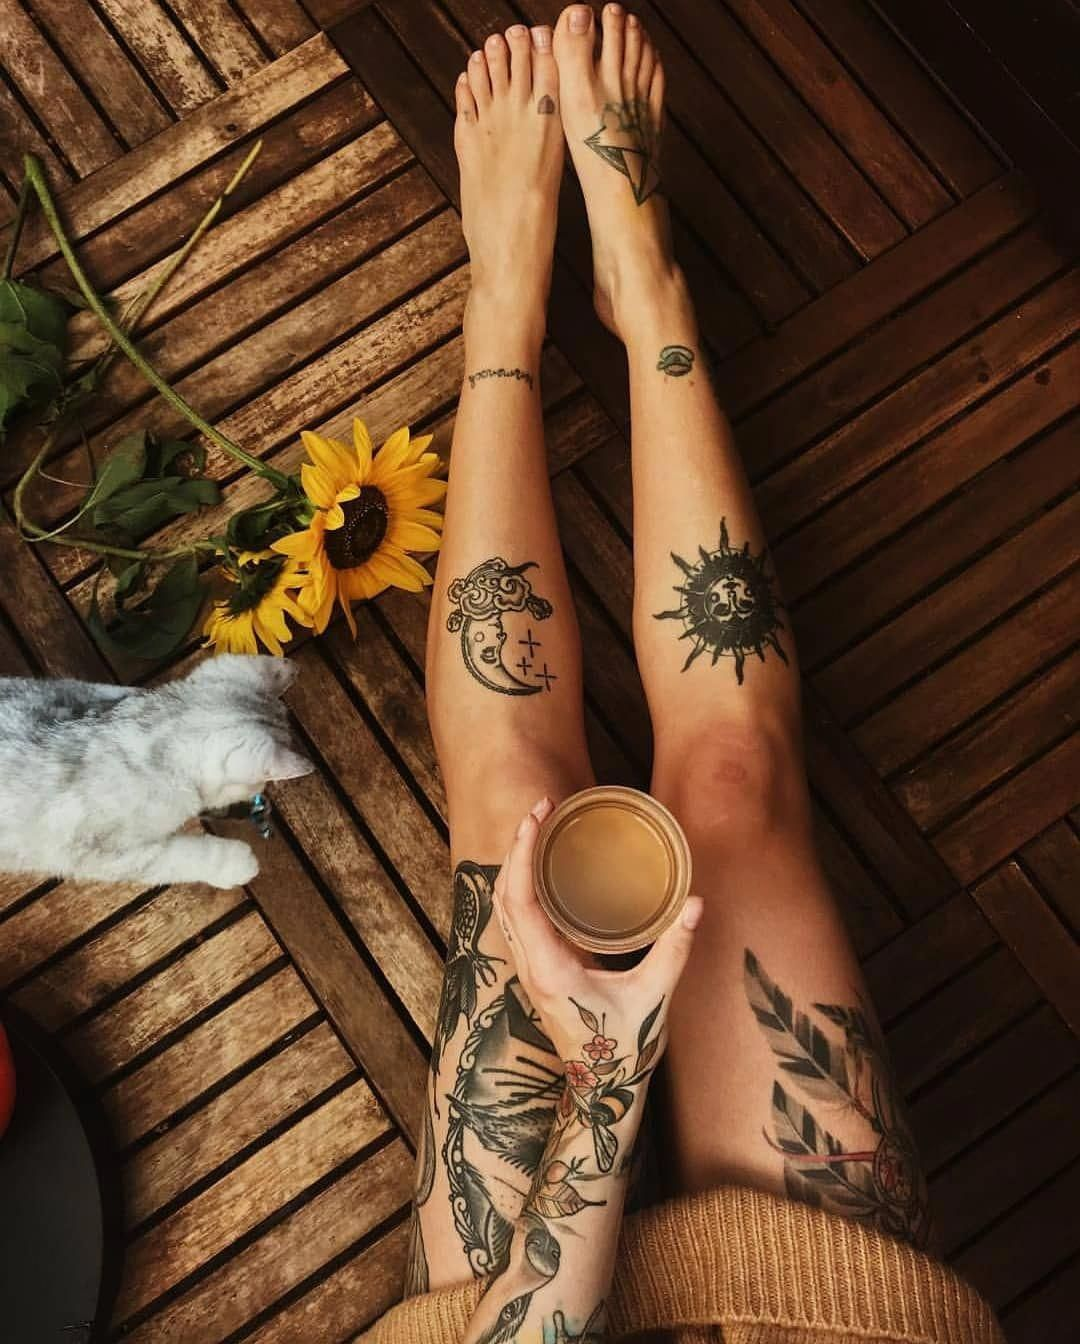 Tattoo Tattoos Tattoos For Women Tattoo Ideas Tattoo Designs Tattoos For Women Small Tattoos For Wome Tattoos For Women Tattoos For Daughters Leg Tattoos